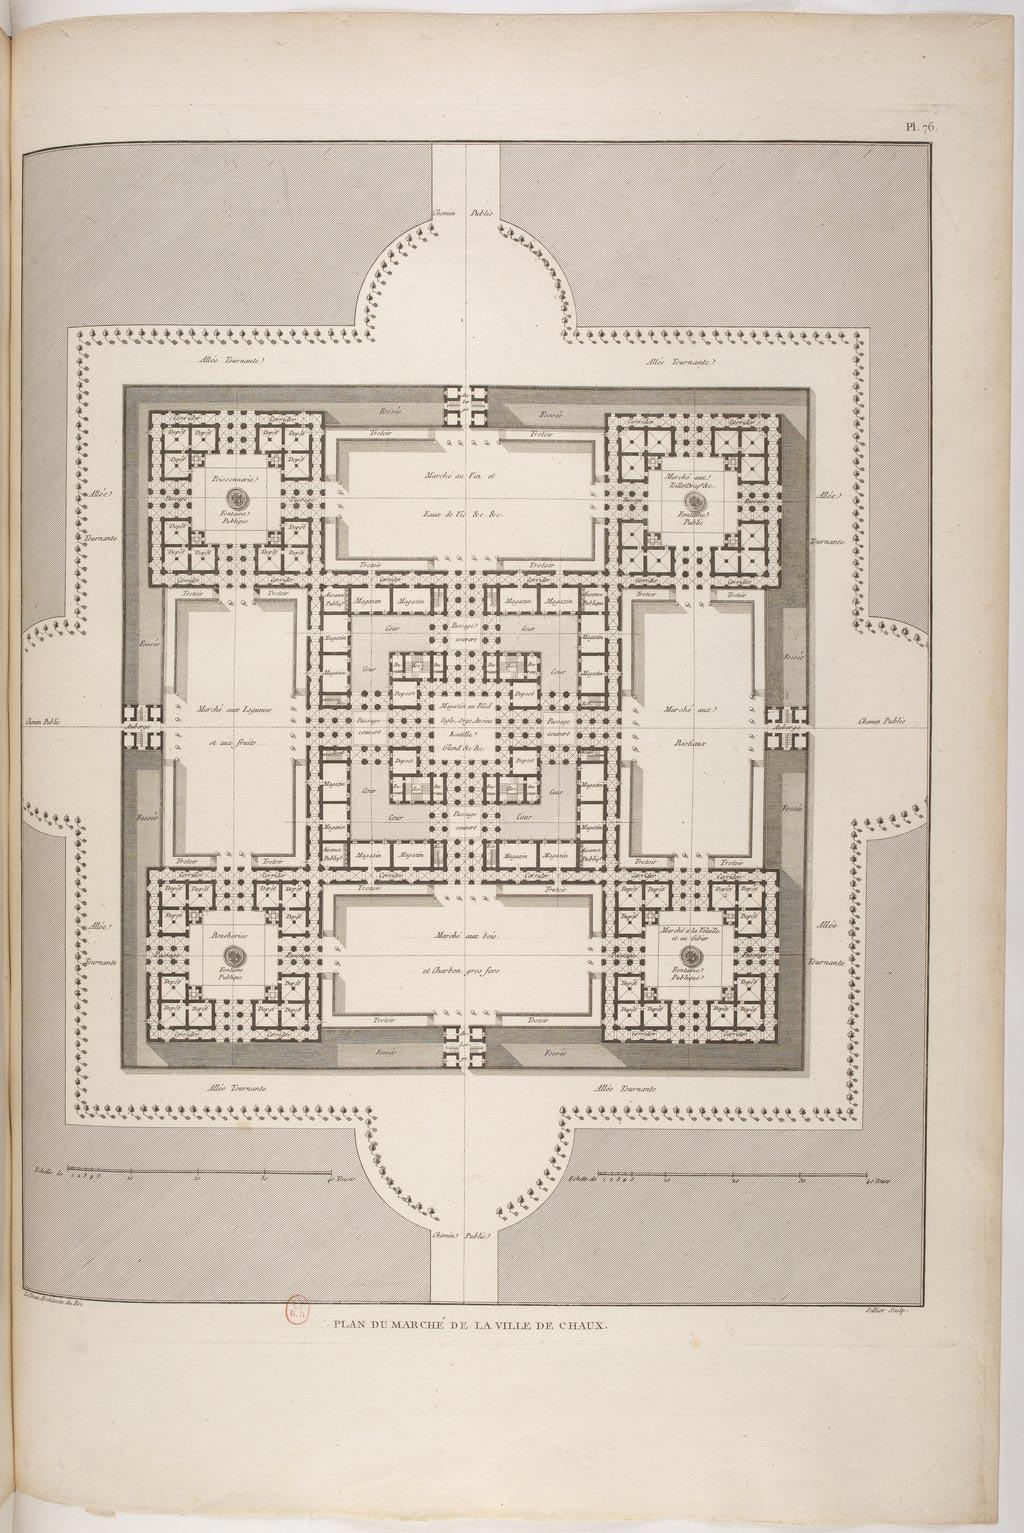 ledoux-claude-architecture-389